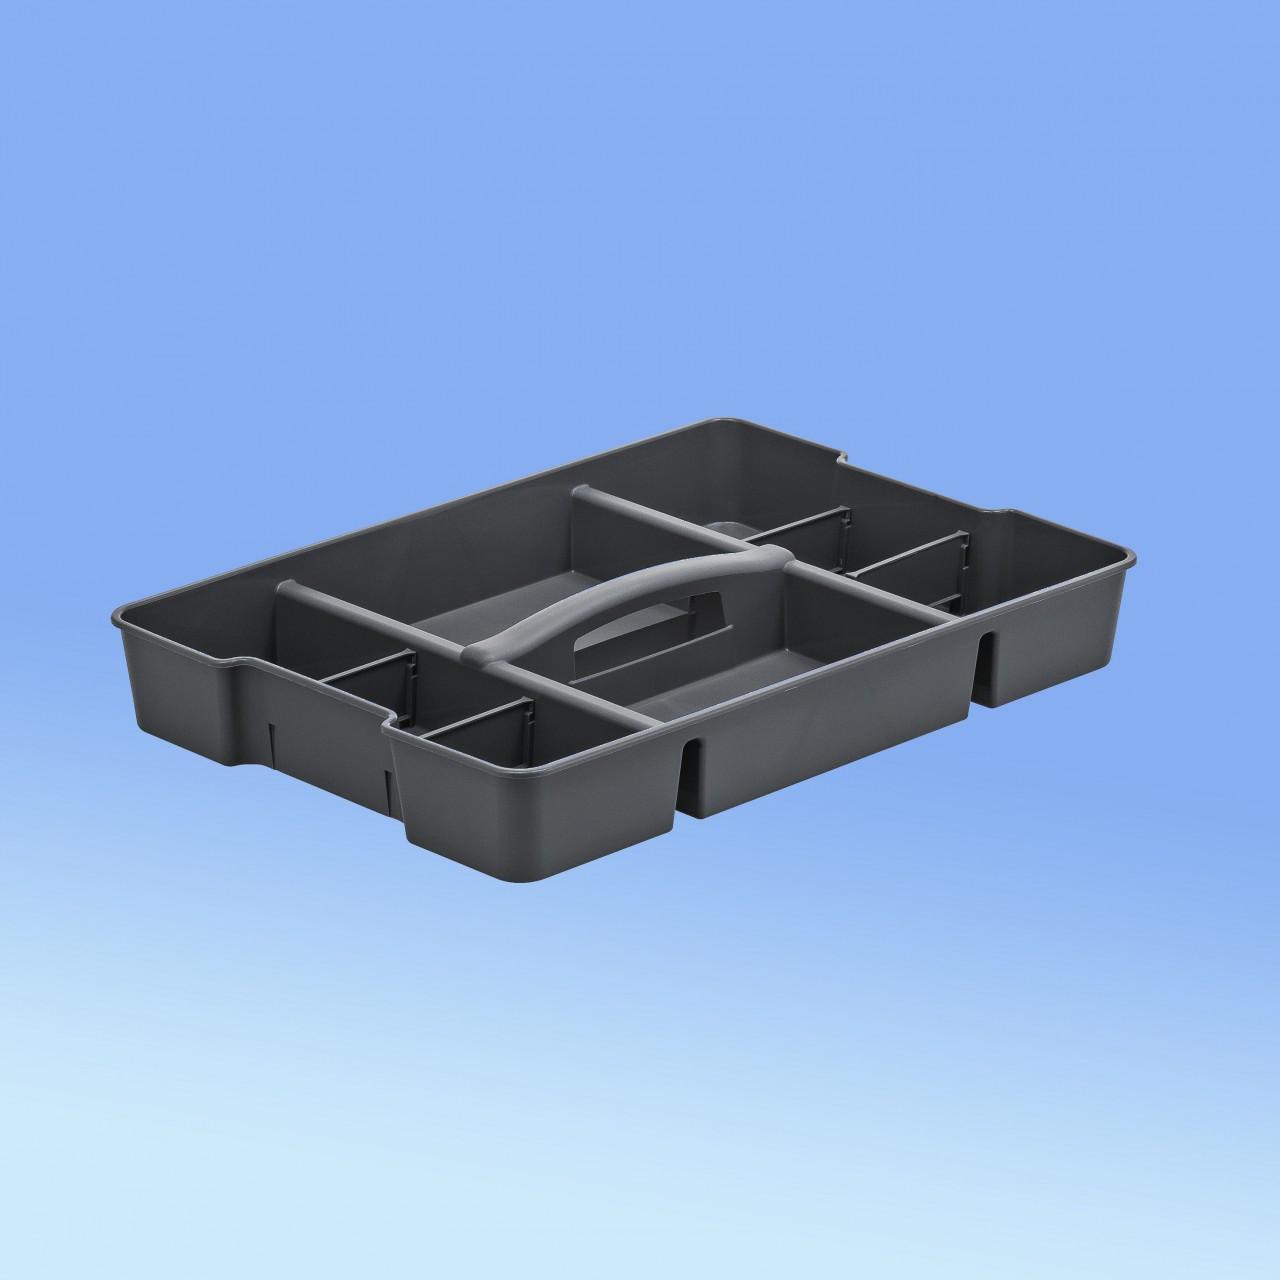 Trage-Einsatz zu Allzweckboxen |30 / 44 / 65 Liter